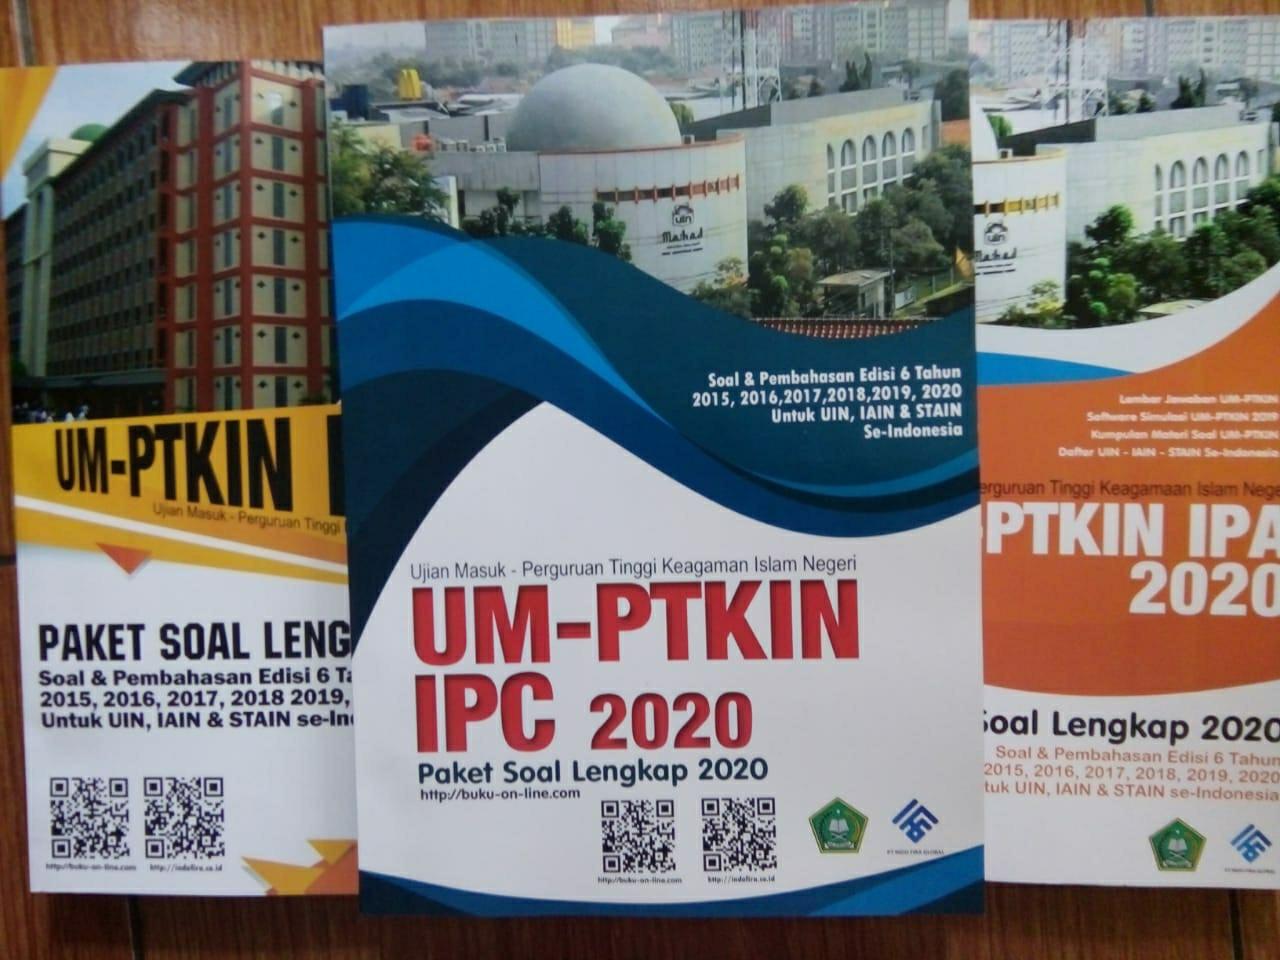 buku umptkin ipc 2020 buku umptkin 2020 ipc contoh soal umptkin ipc materi umptkin ipc kisi kisi umptkin buku umptkin recommended